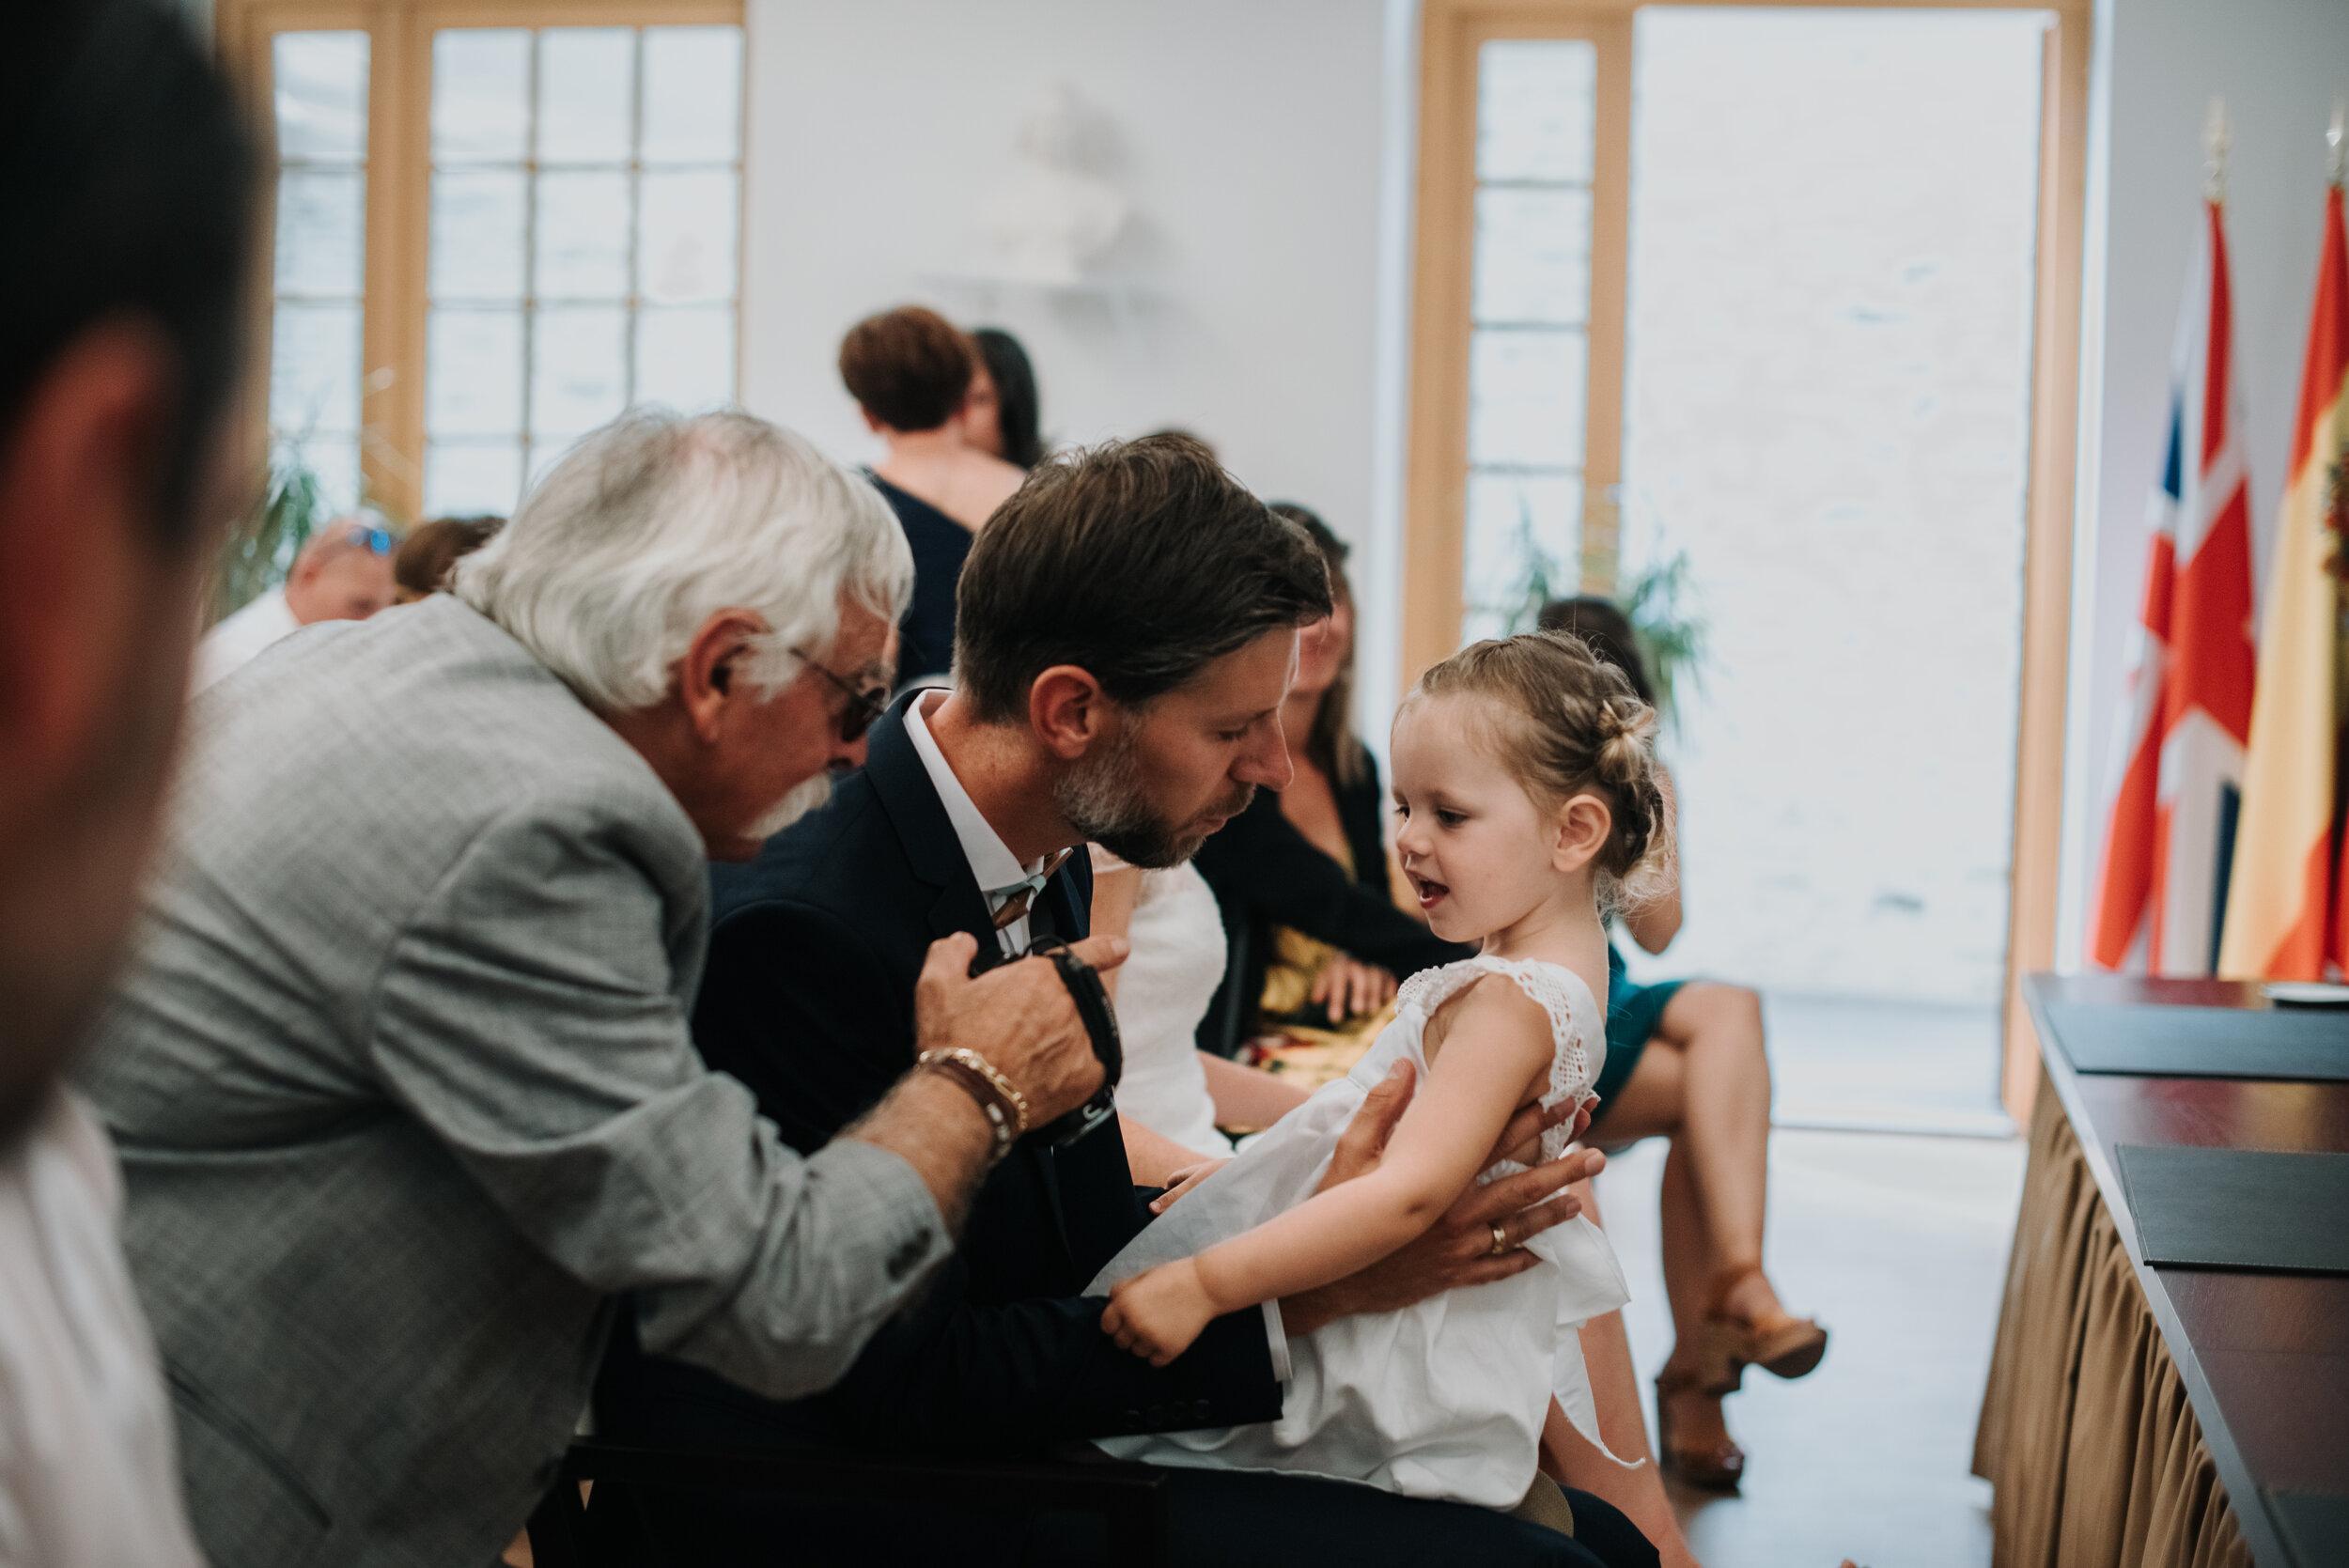 Léa-Fery-photographe-professionnel-Bretagne-portrait-creation-mariage-evenement-evenementiel-famille-1372.jpg